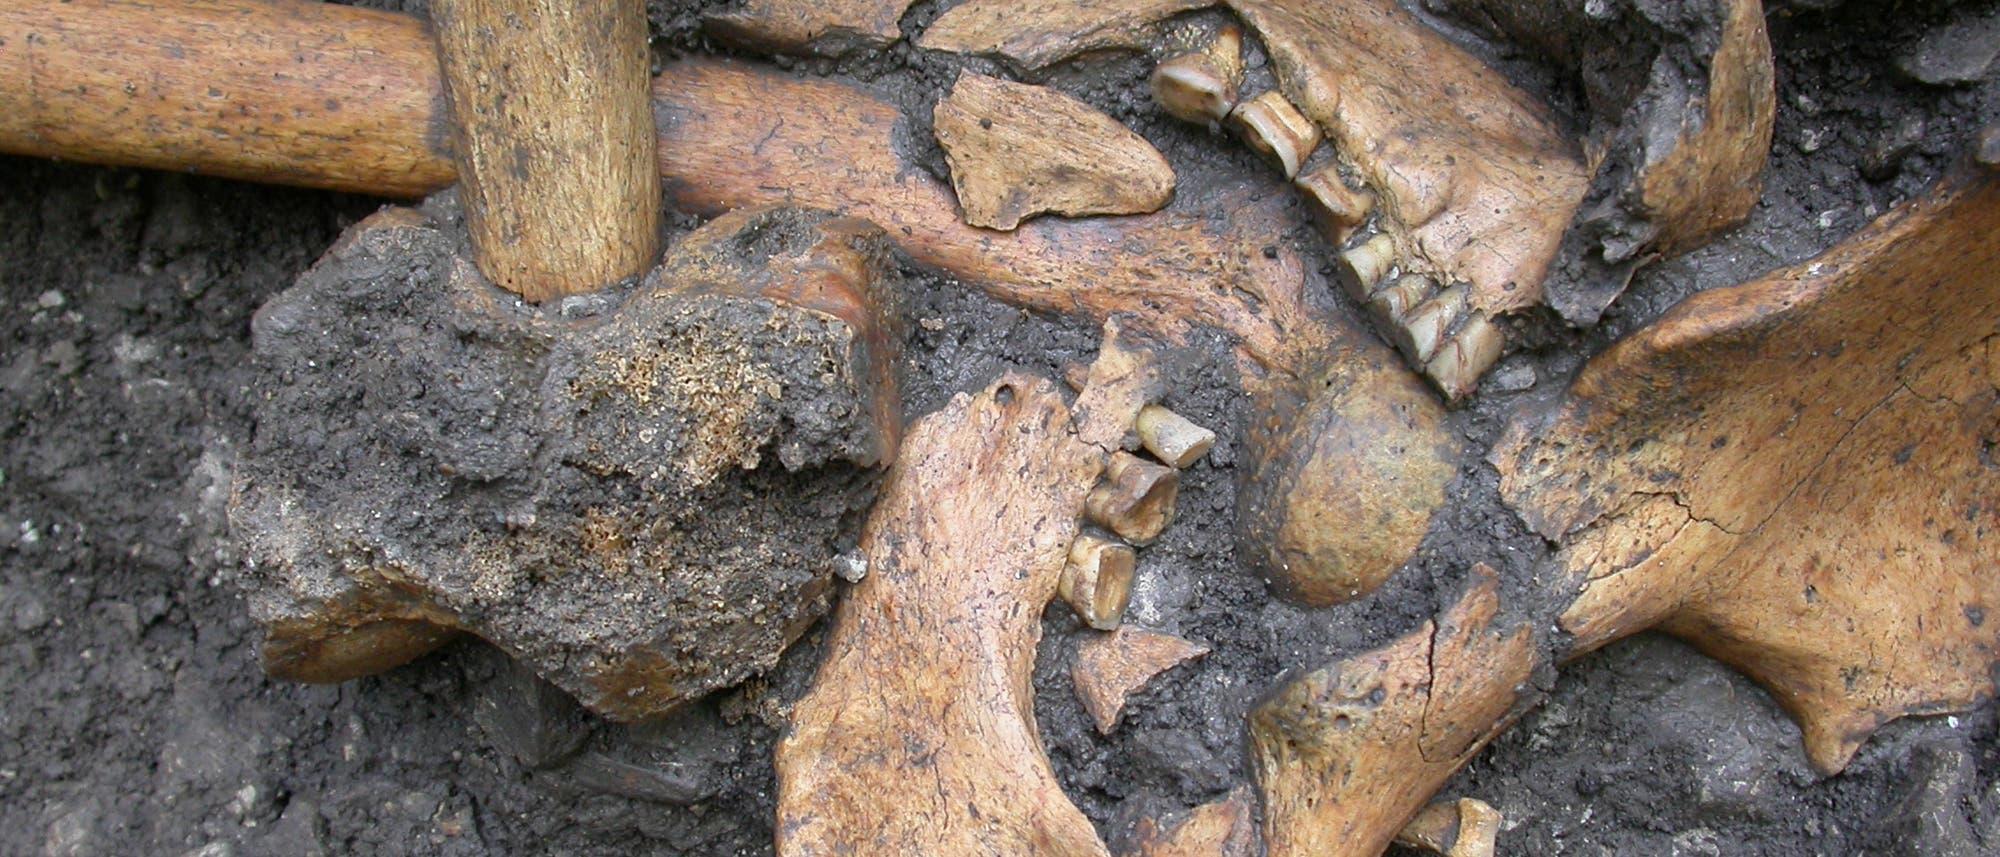 Menschliche Kieferteile vom mesolithischen Fundplatz Vlasac in Serbien aus der Zeit von 6750 bis 6450 v. Chr.